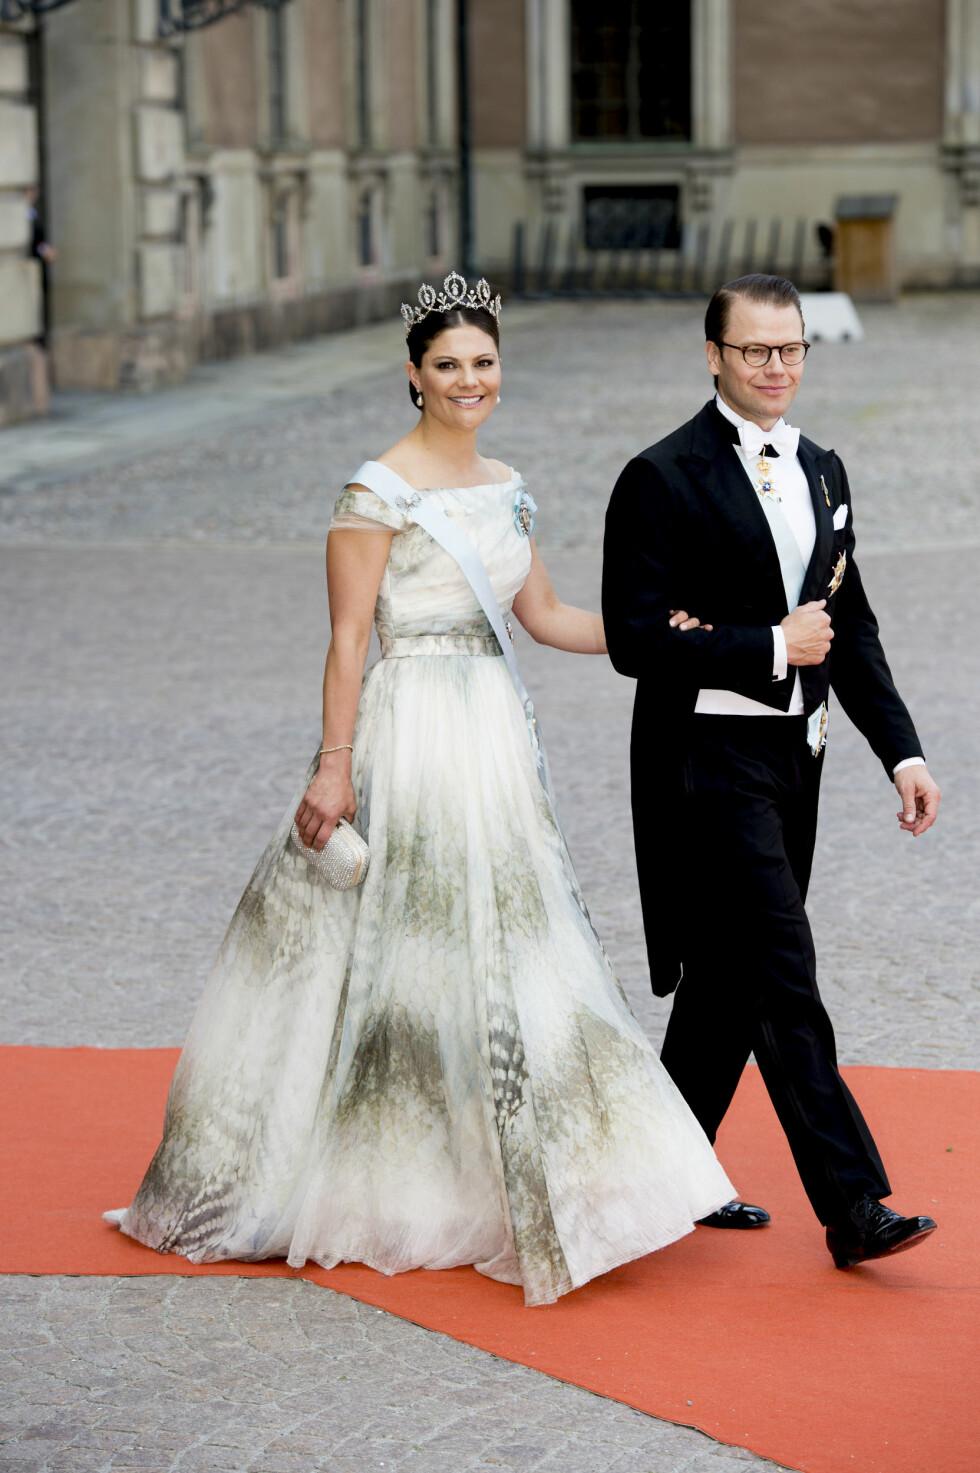 BILLIG-KJOLE: Kronprinsesse Victoria gikk for design fra Hennes & Mauritz' conscious collection. Her med ektemannen prins Daniel på vei inn i kirken. Foto: NTB Scanpix